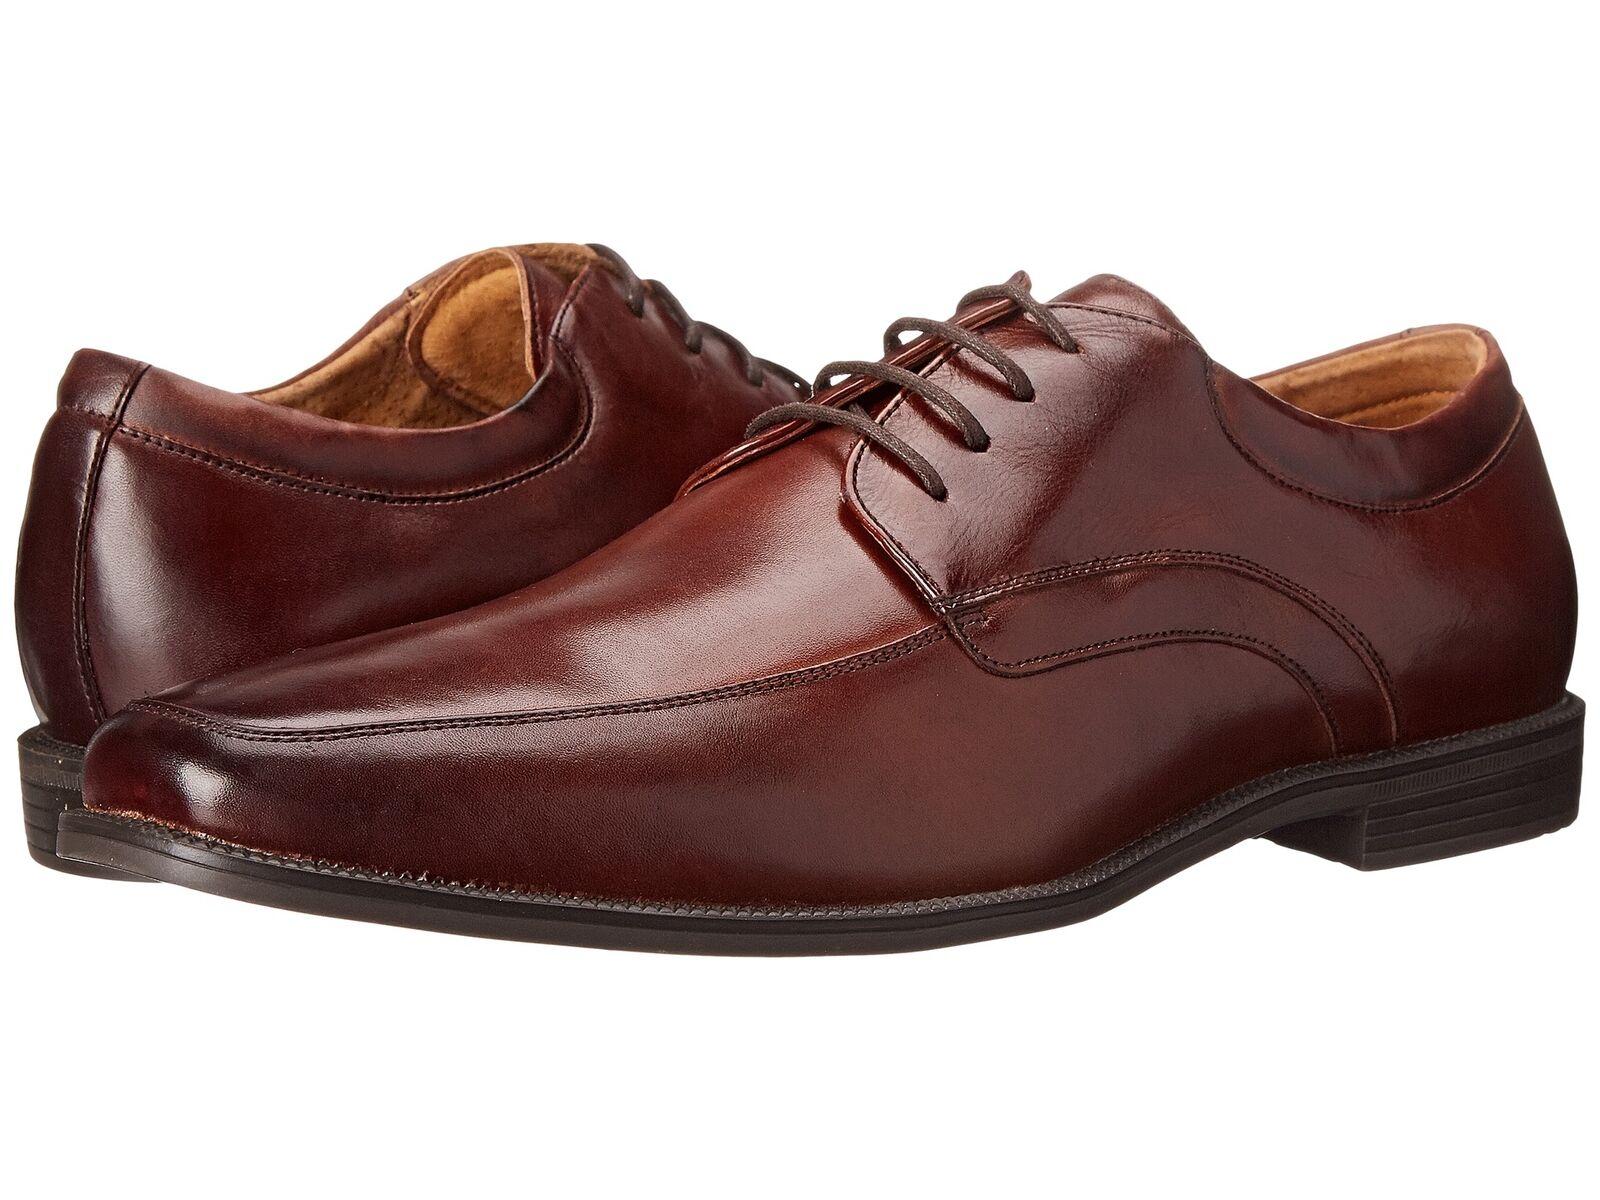 Florsheim Para Hombre Forum Moc Toe Oxford Cognac Cuero Zapatos 14153-221